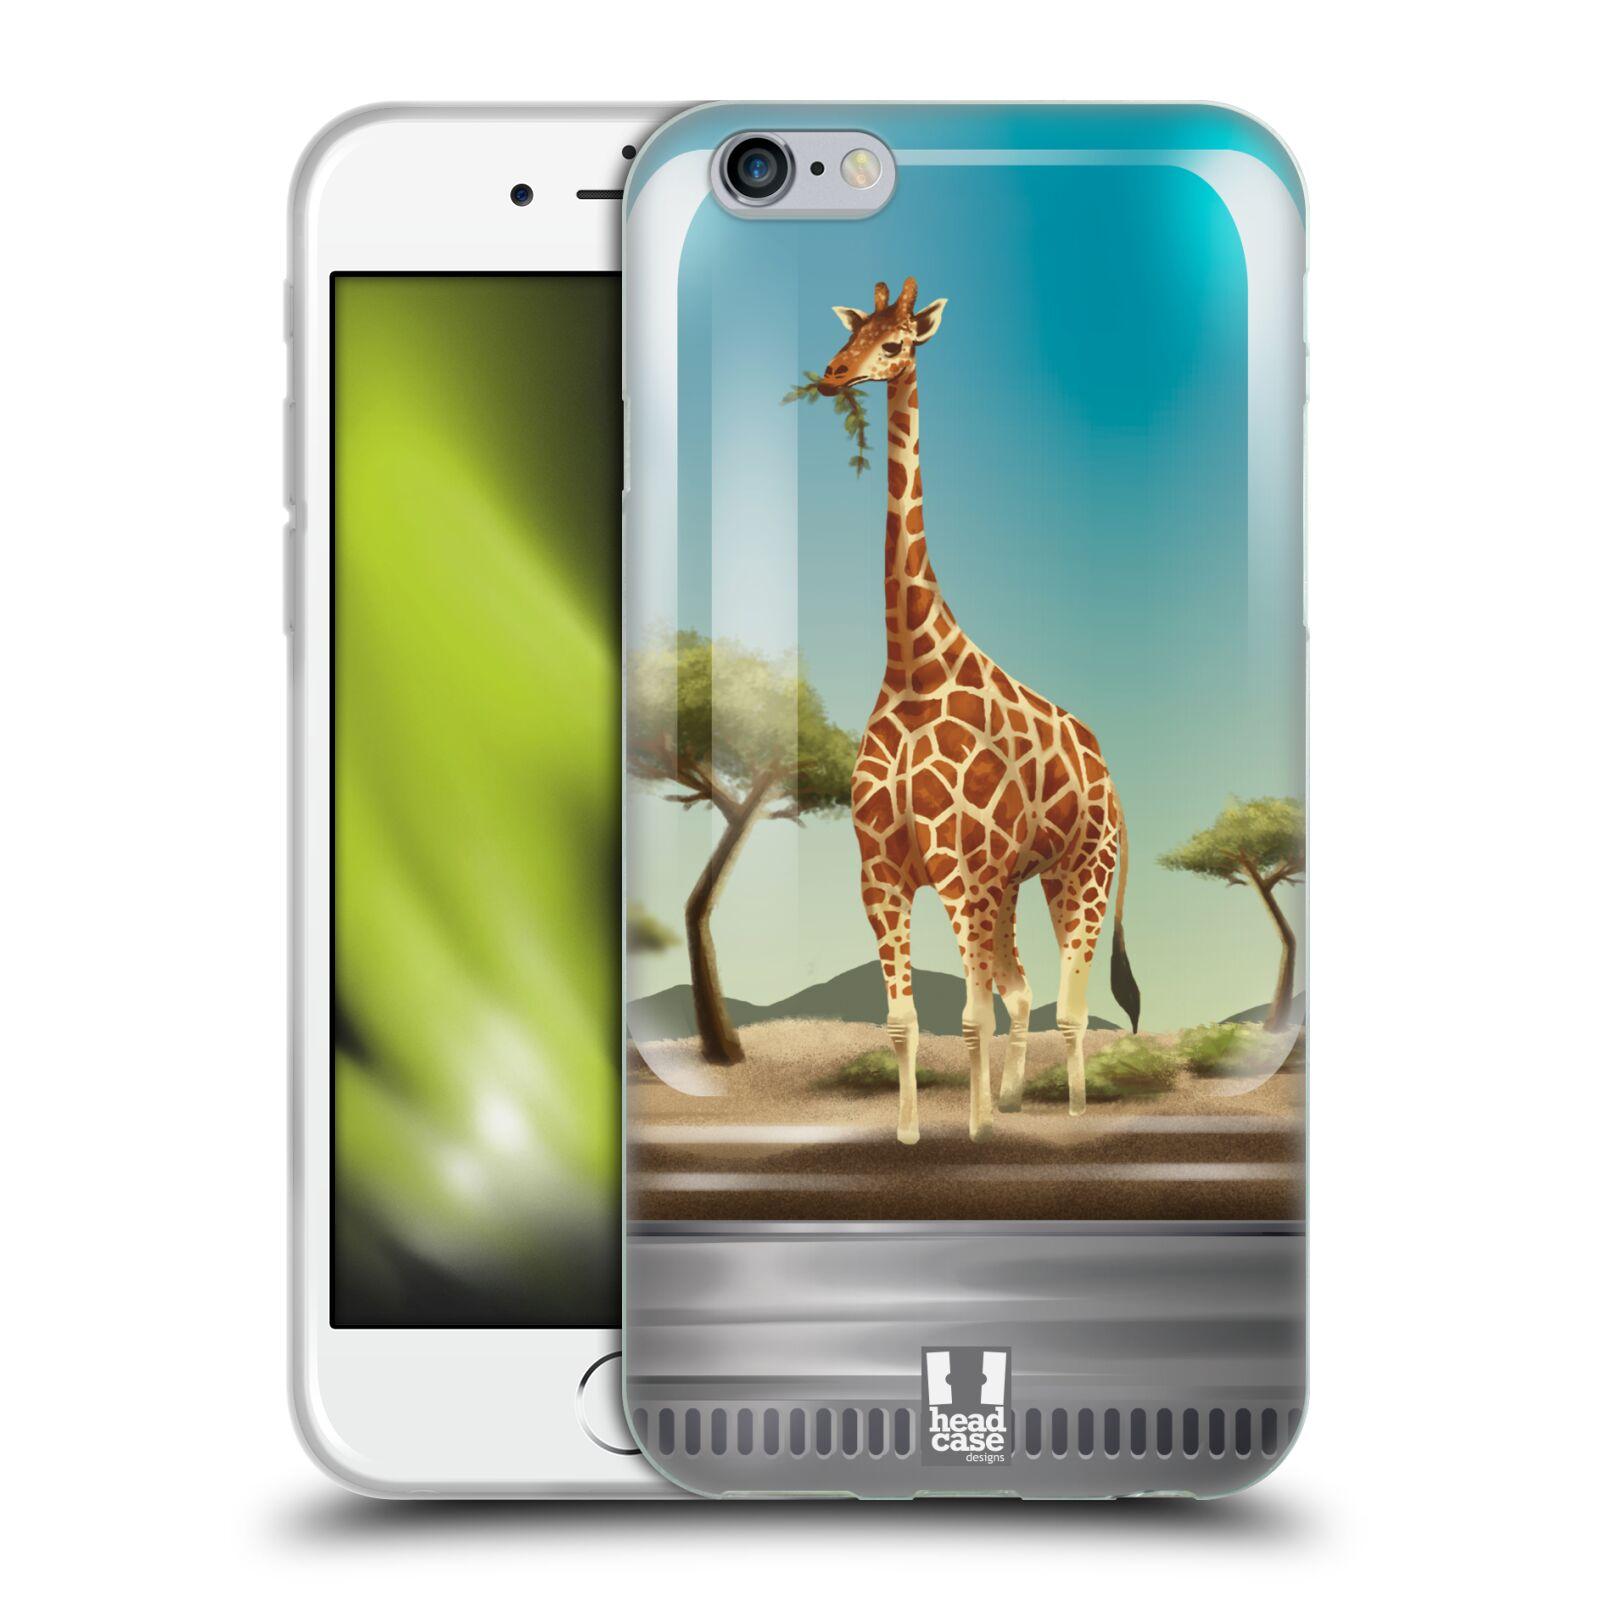 HEAD CASE silikonový obal na mobil Apple Iphone 6/6S vzor Zvířátka v těžítku žirafa